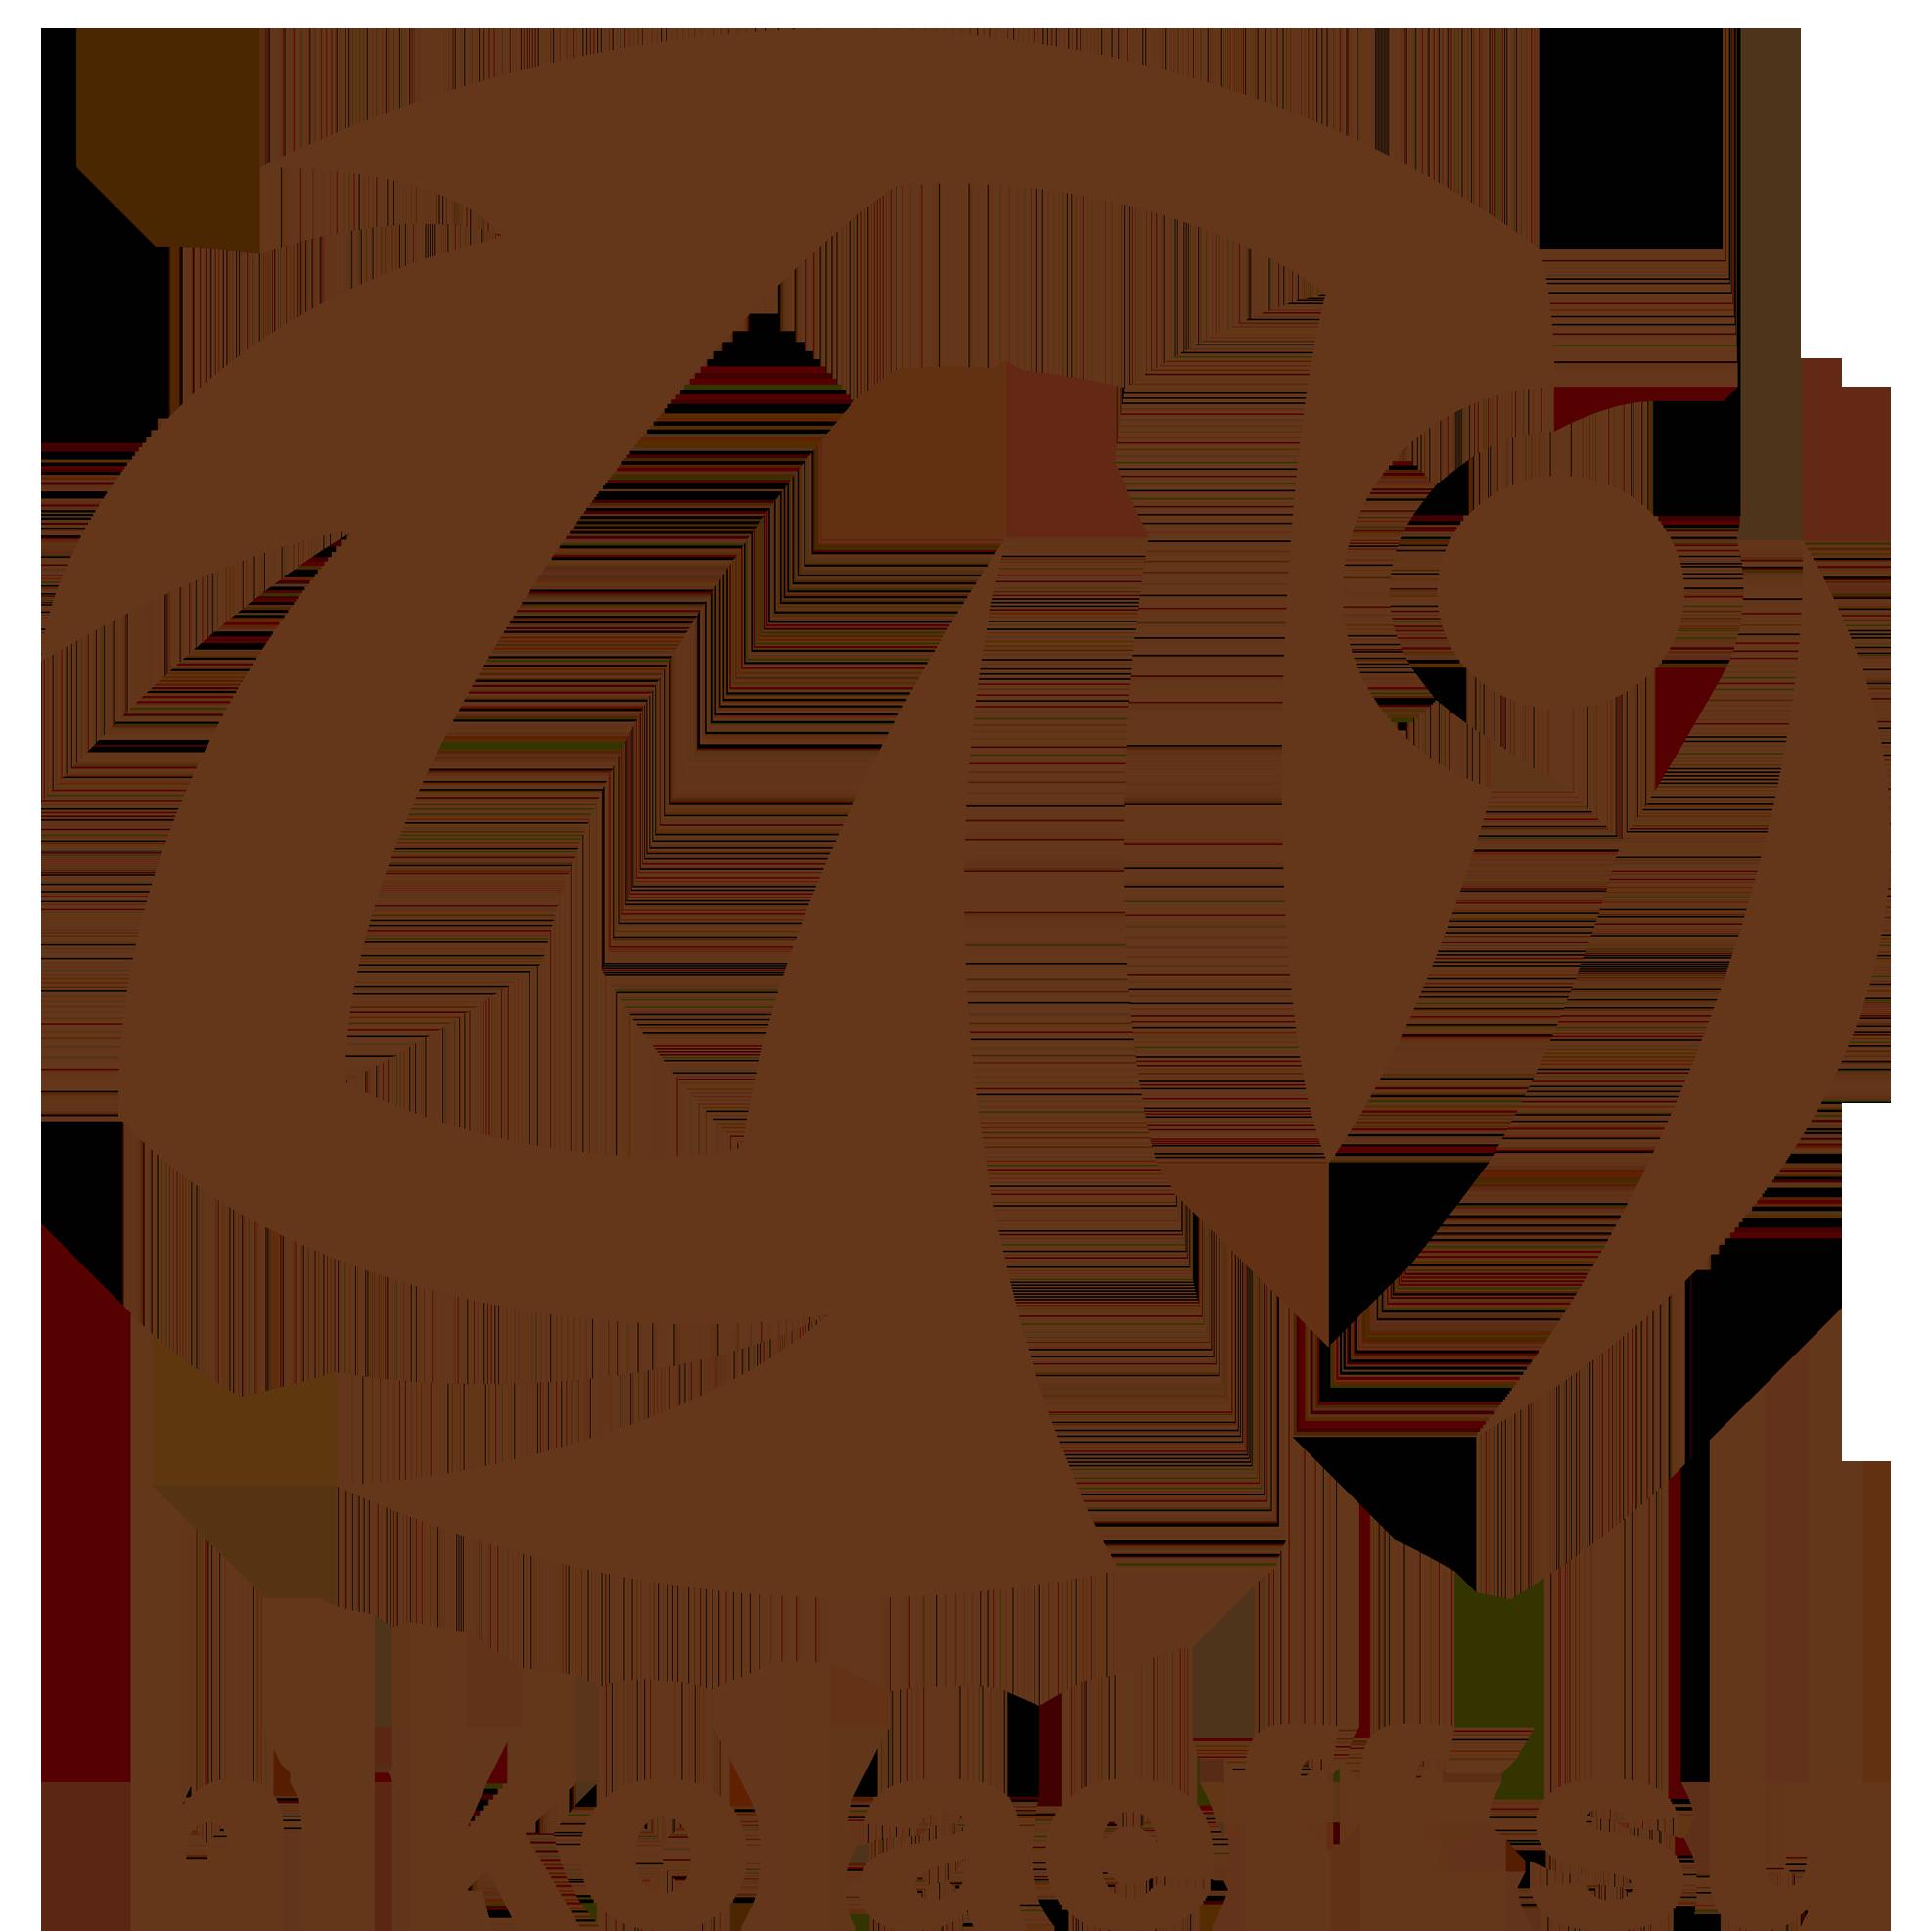 NikolaeffSu